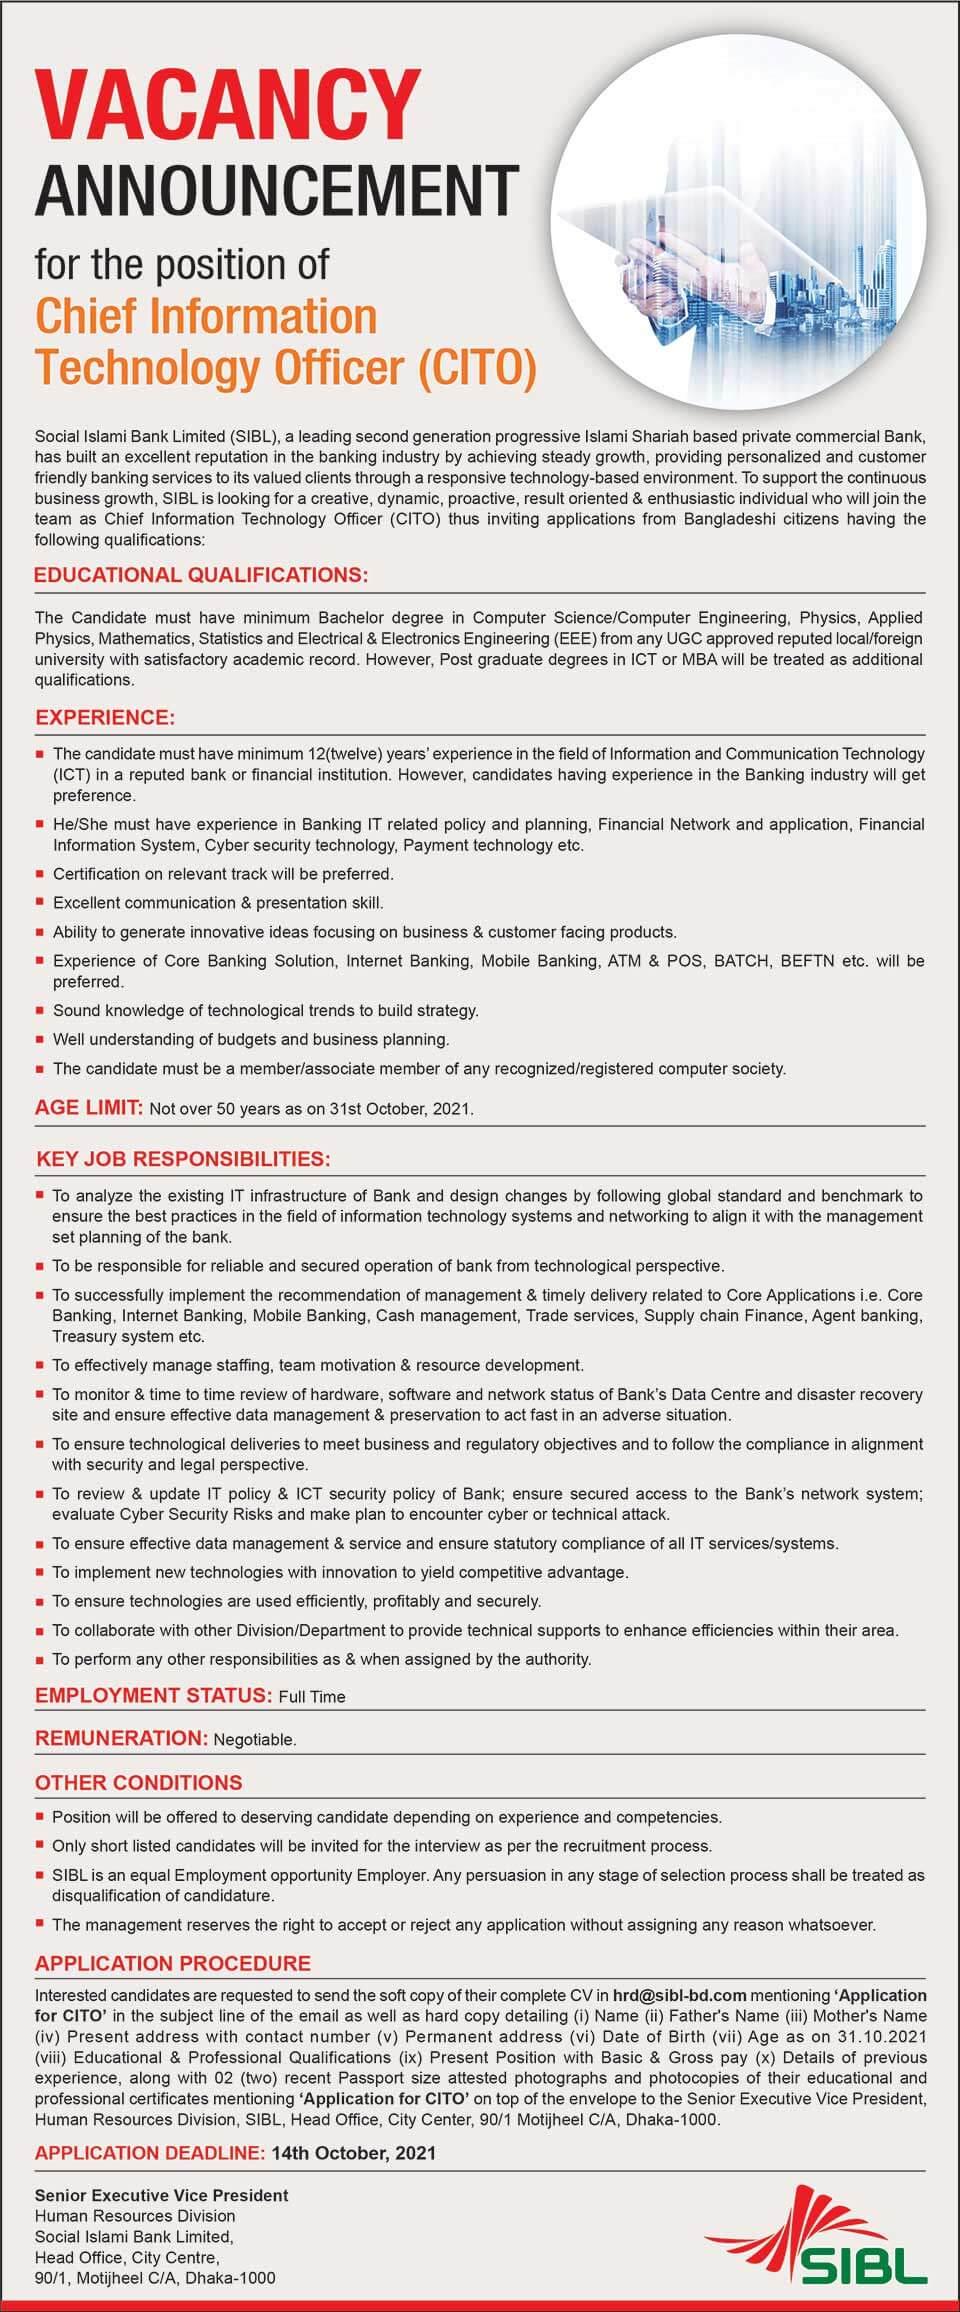 Social Islami Bank Limited Job Circular image 2021